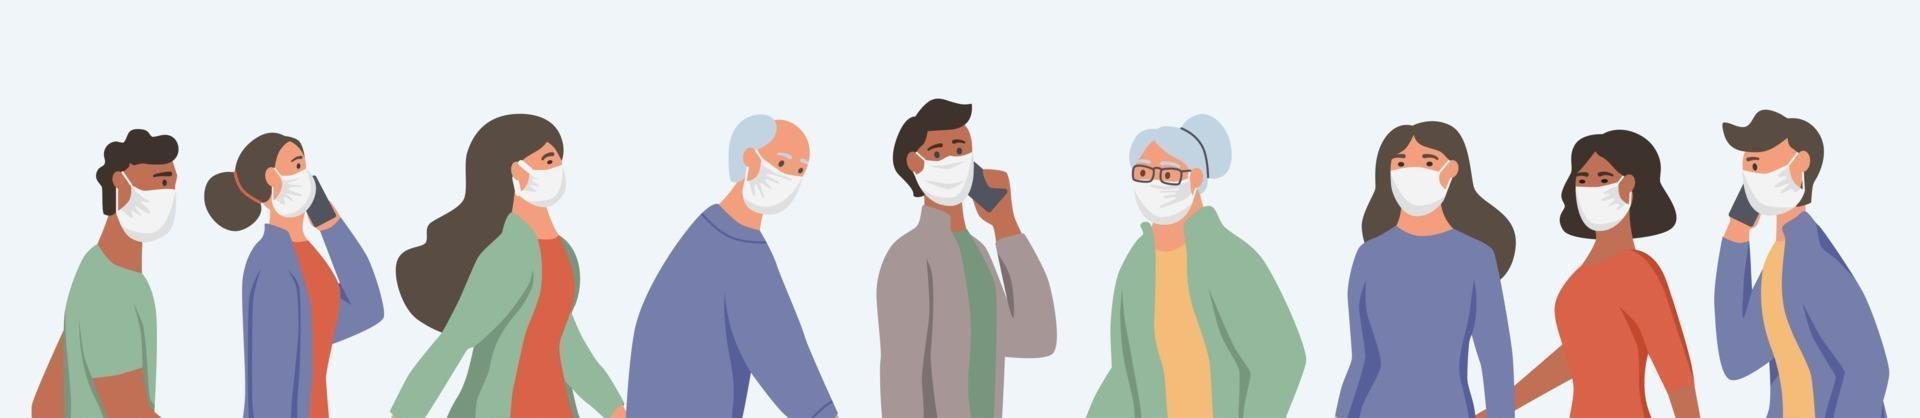 olika människor som bär ansiktsmasker vektor